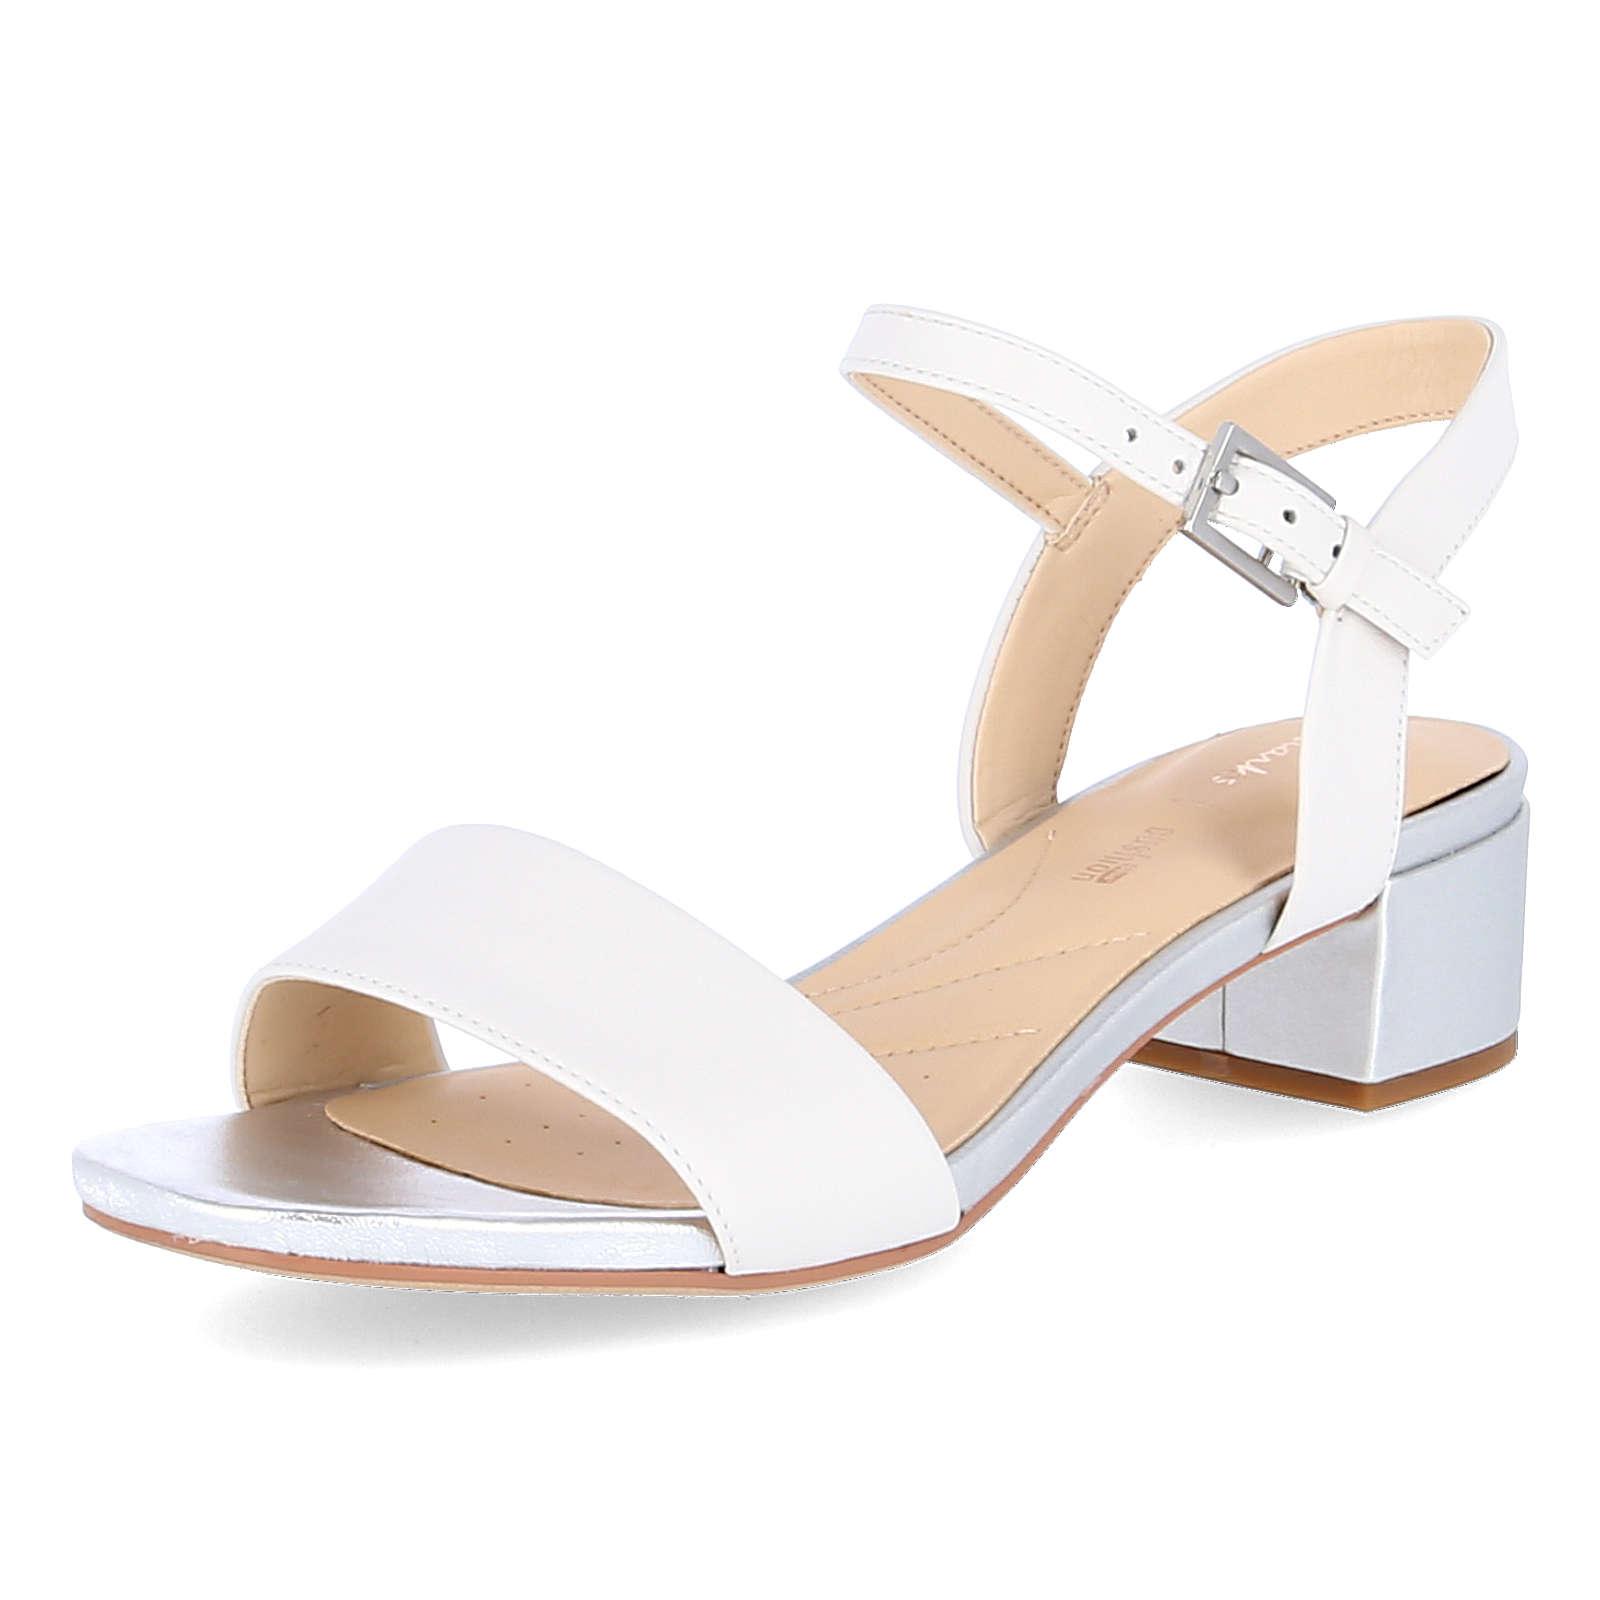 Clarks Sandaletten ORABELLA IRIS Klassische Sandaletten weiß Damen Gr. 39